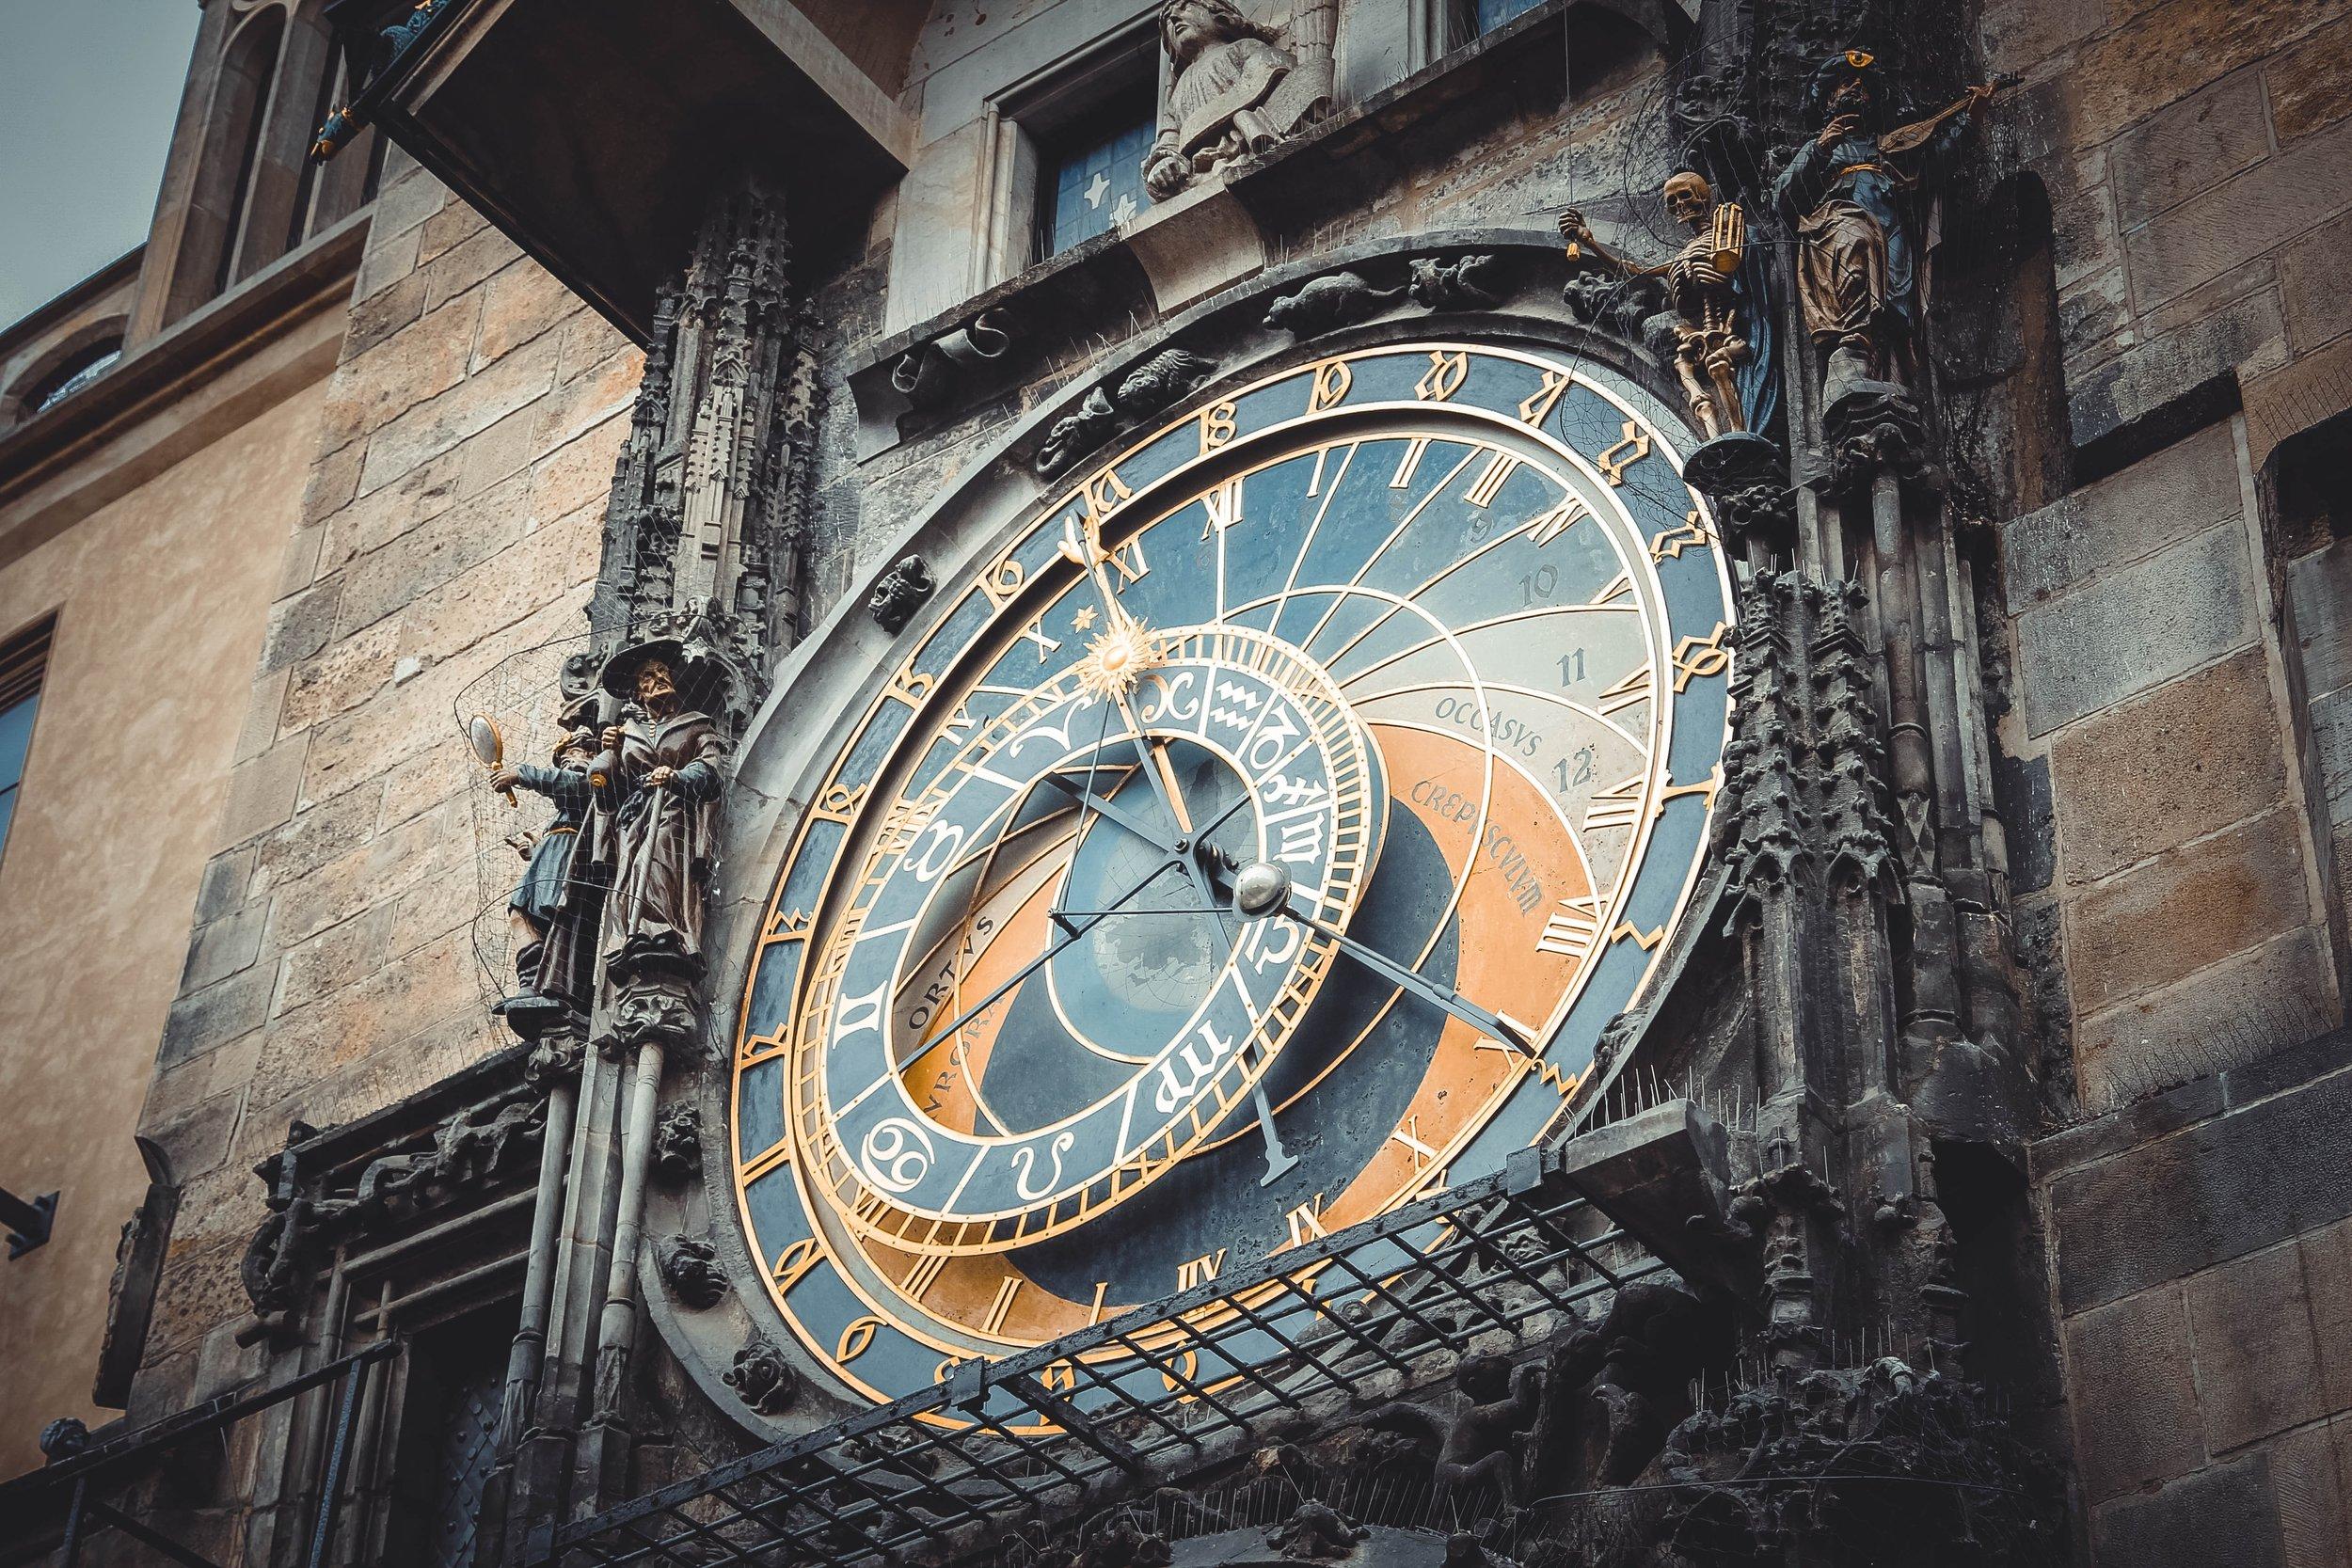 clock-ancient-antique-architecture-.jpg